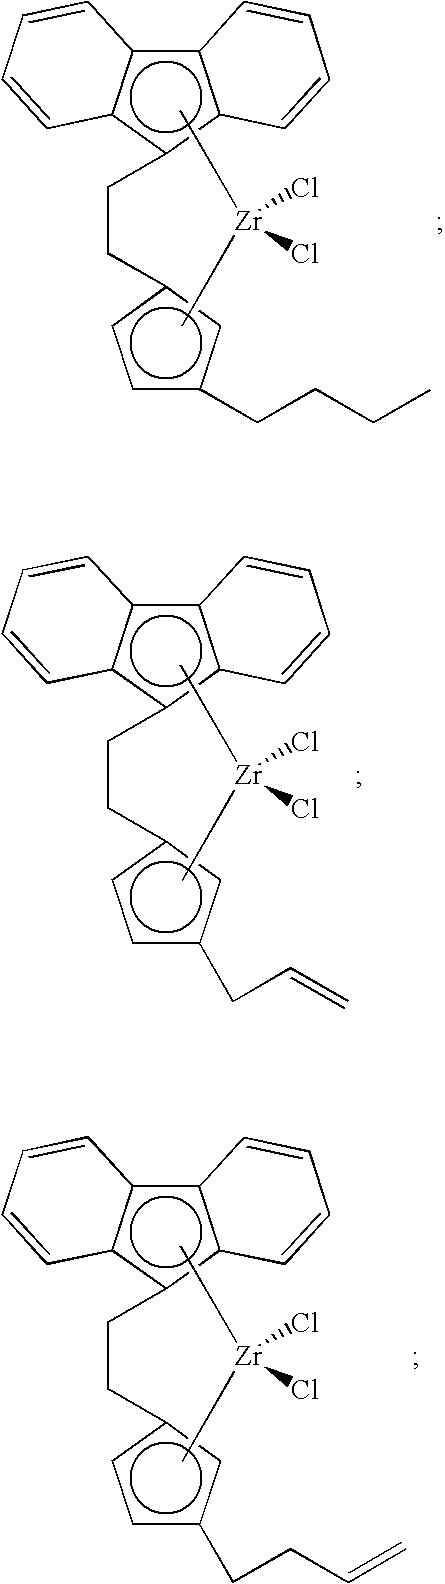 Figure US20100331505A1-20101230-C00025